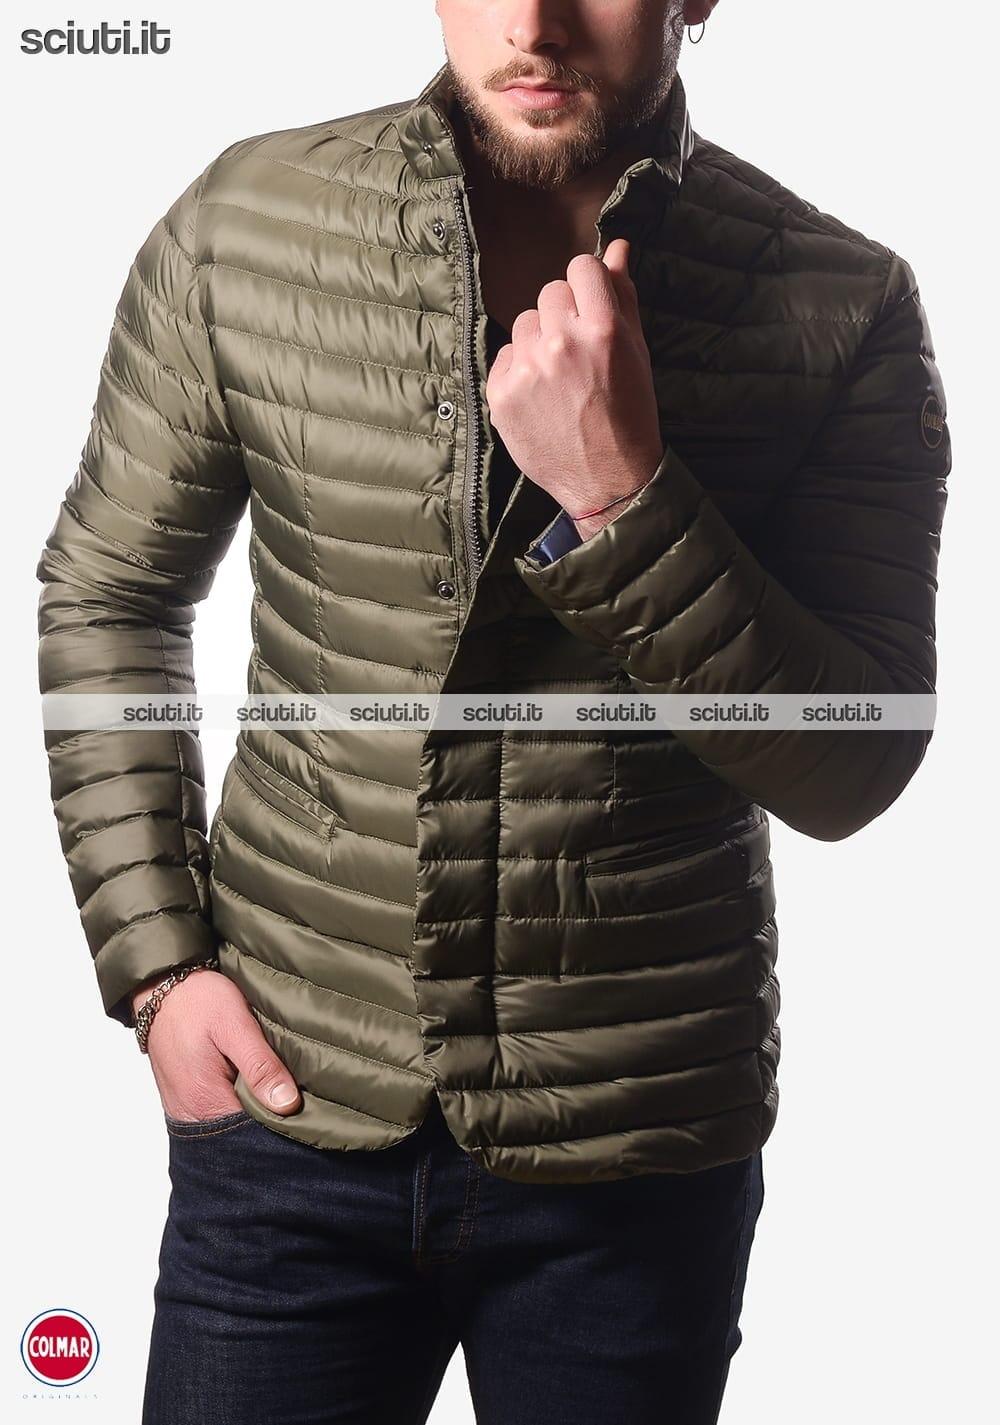 factory authentic 3ae54 7844e Piumino Colmar uomo modello giacca verde militare | Sciuti.it